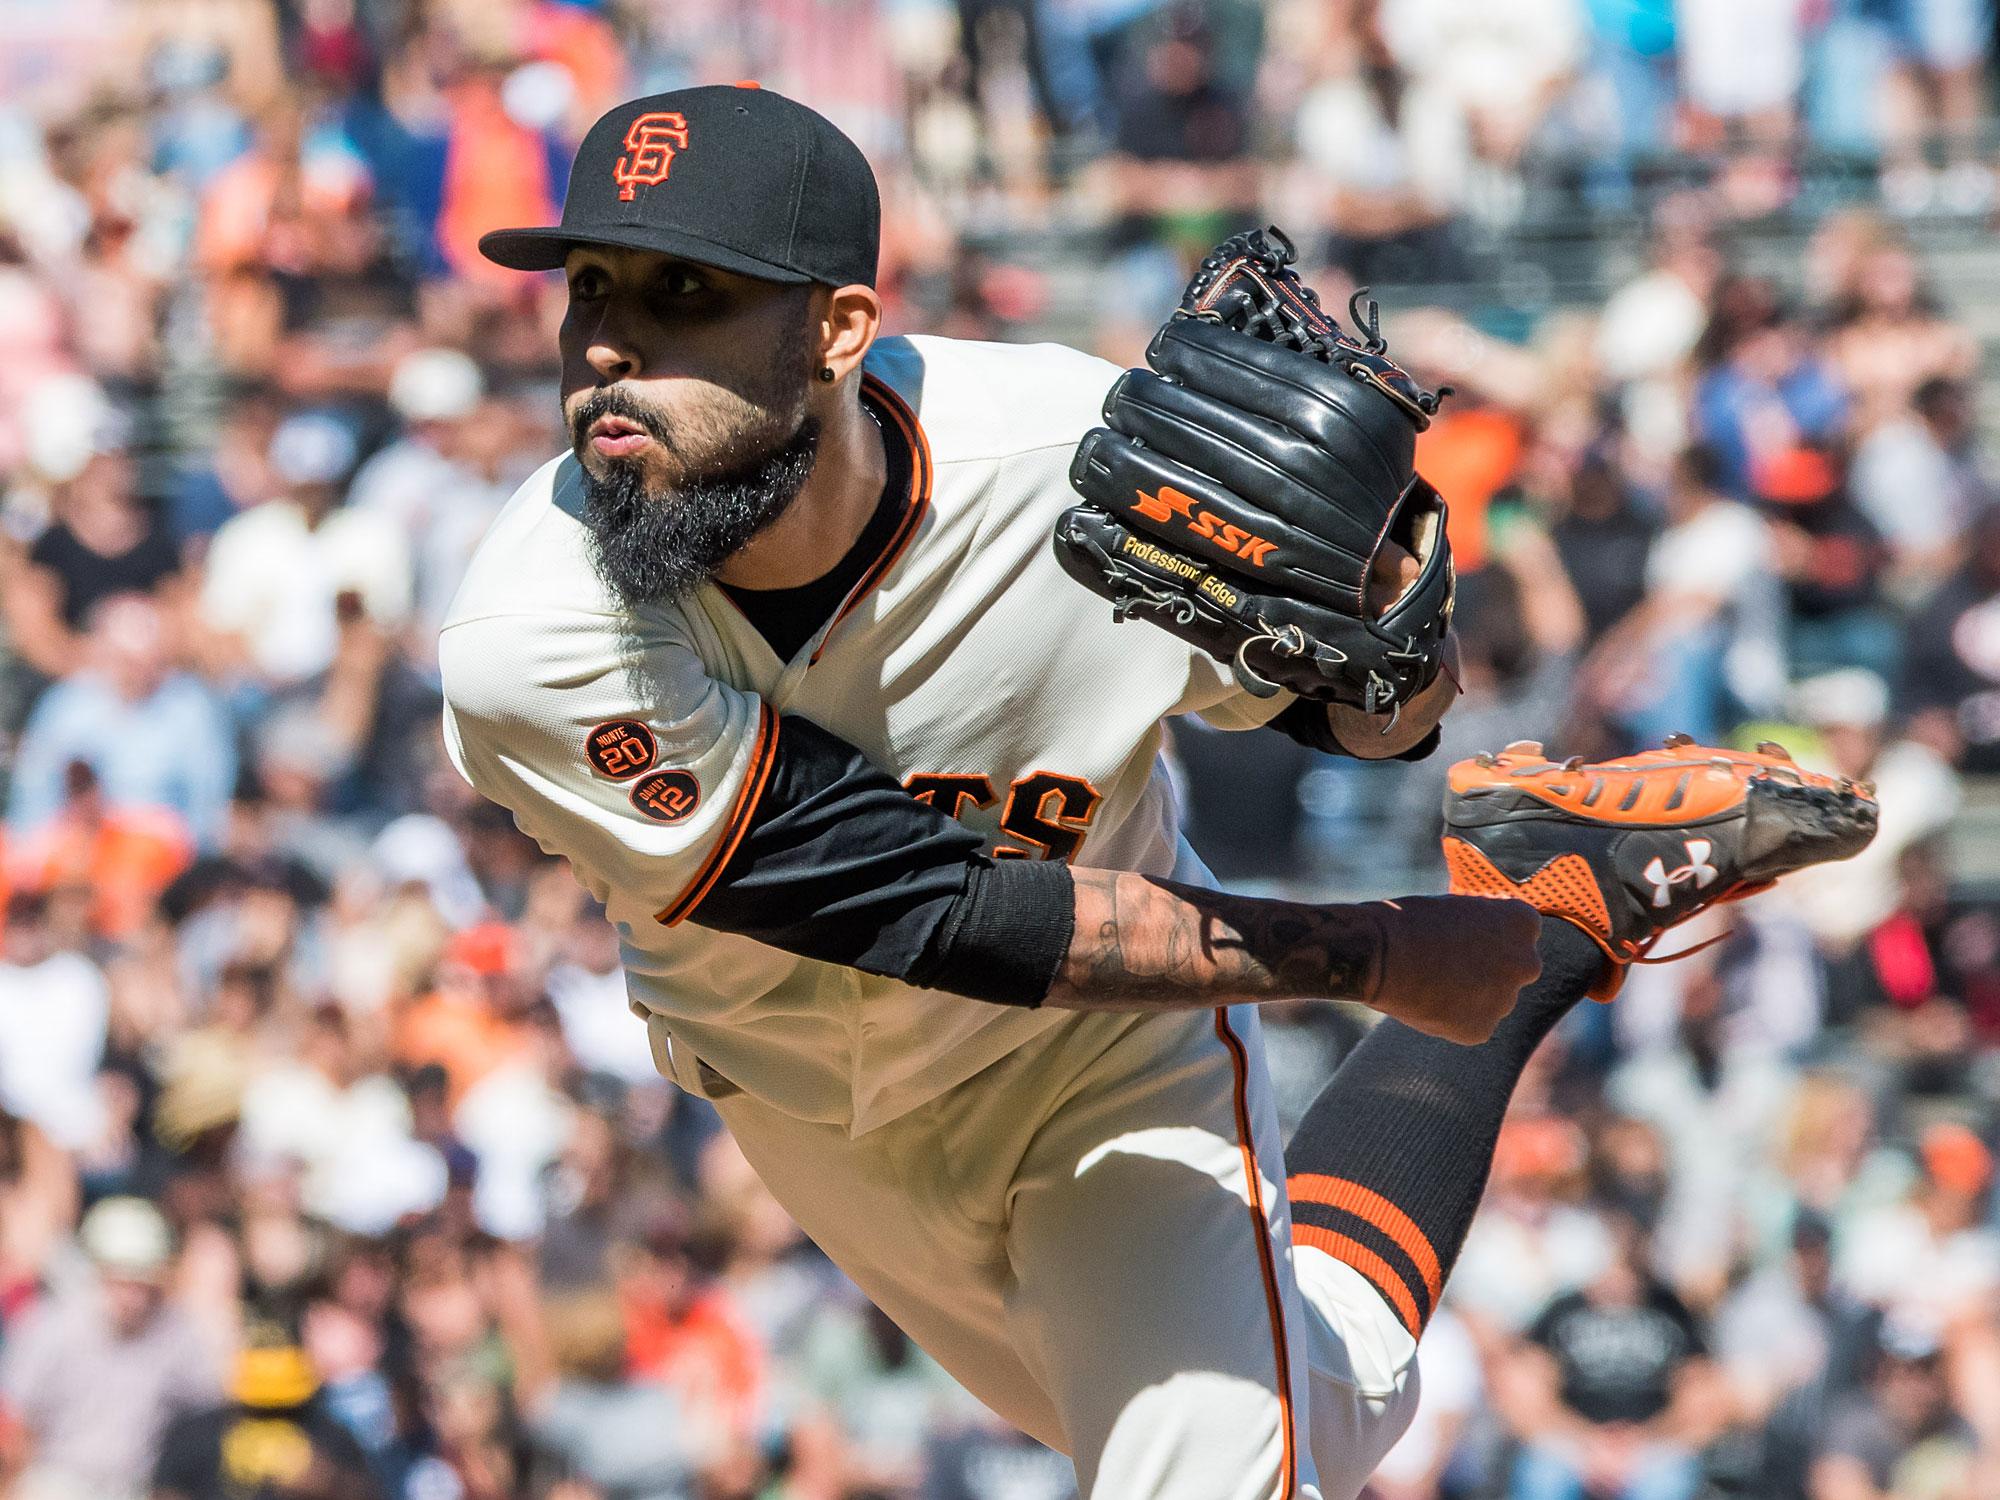 Sergio Romo, San Francisco Giants